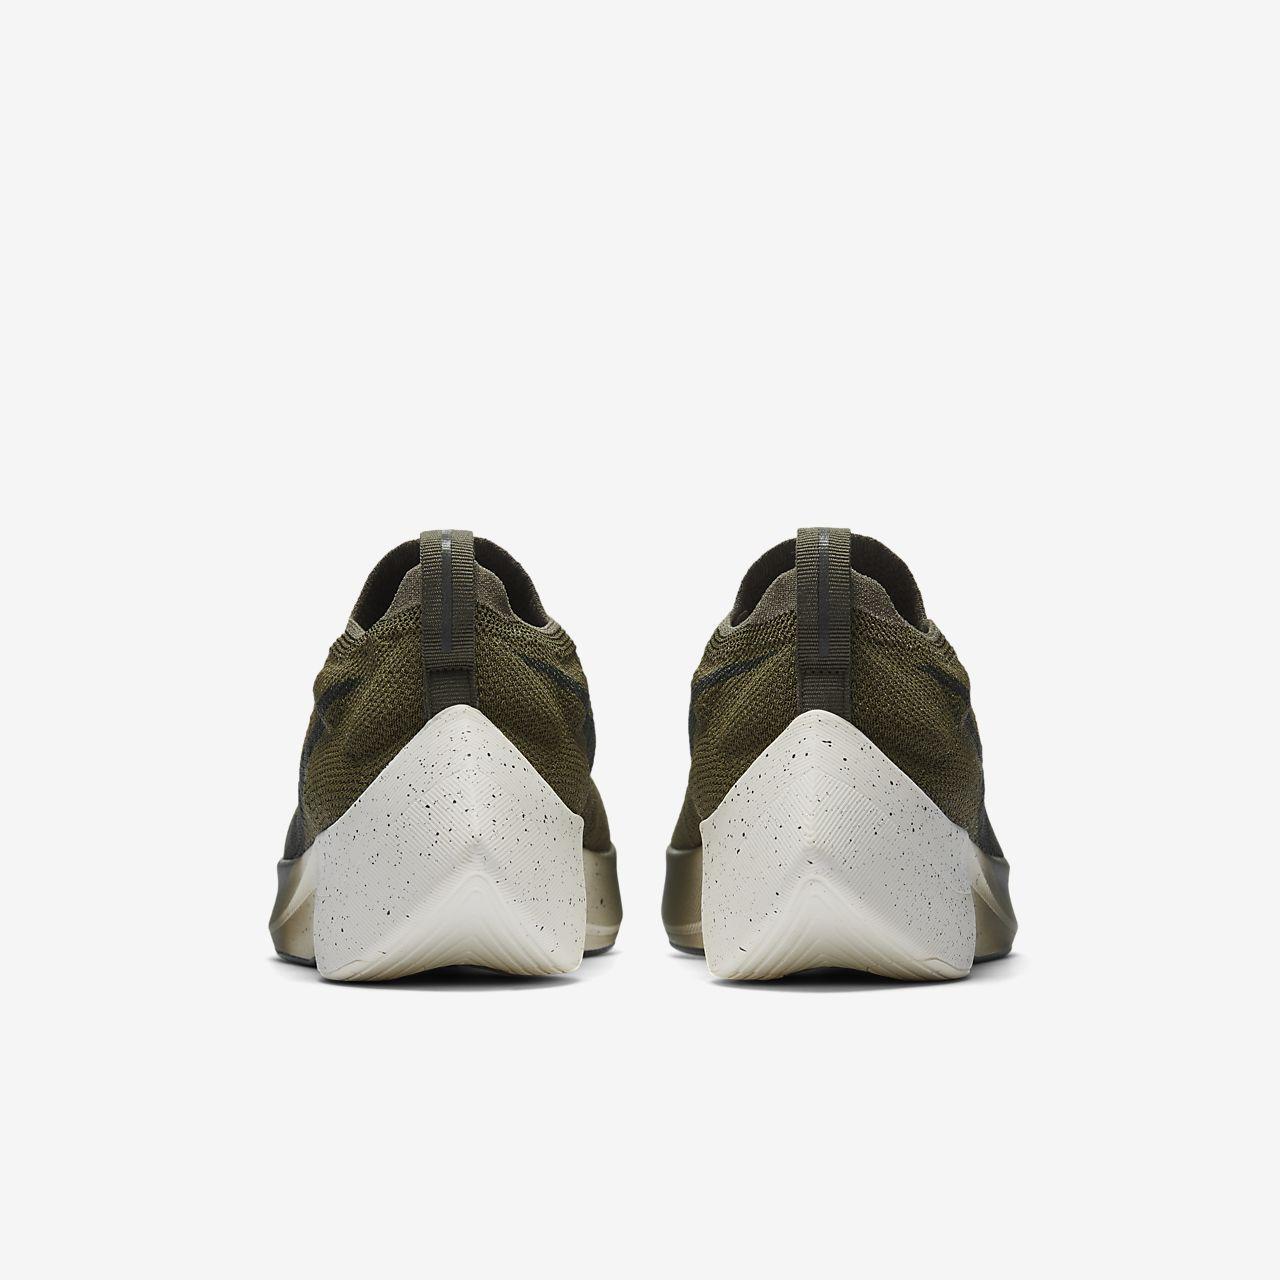 3f9f74b6ebce88 Nike React Vapor Street Flyknit Men s Shoe. Nike.com NO